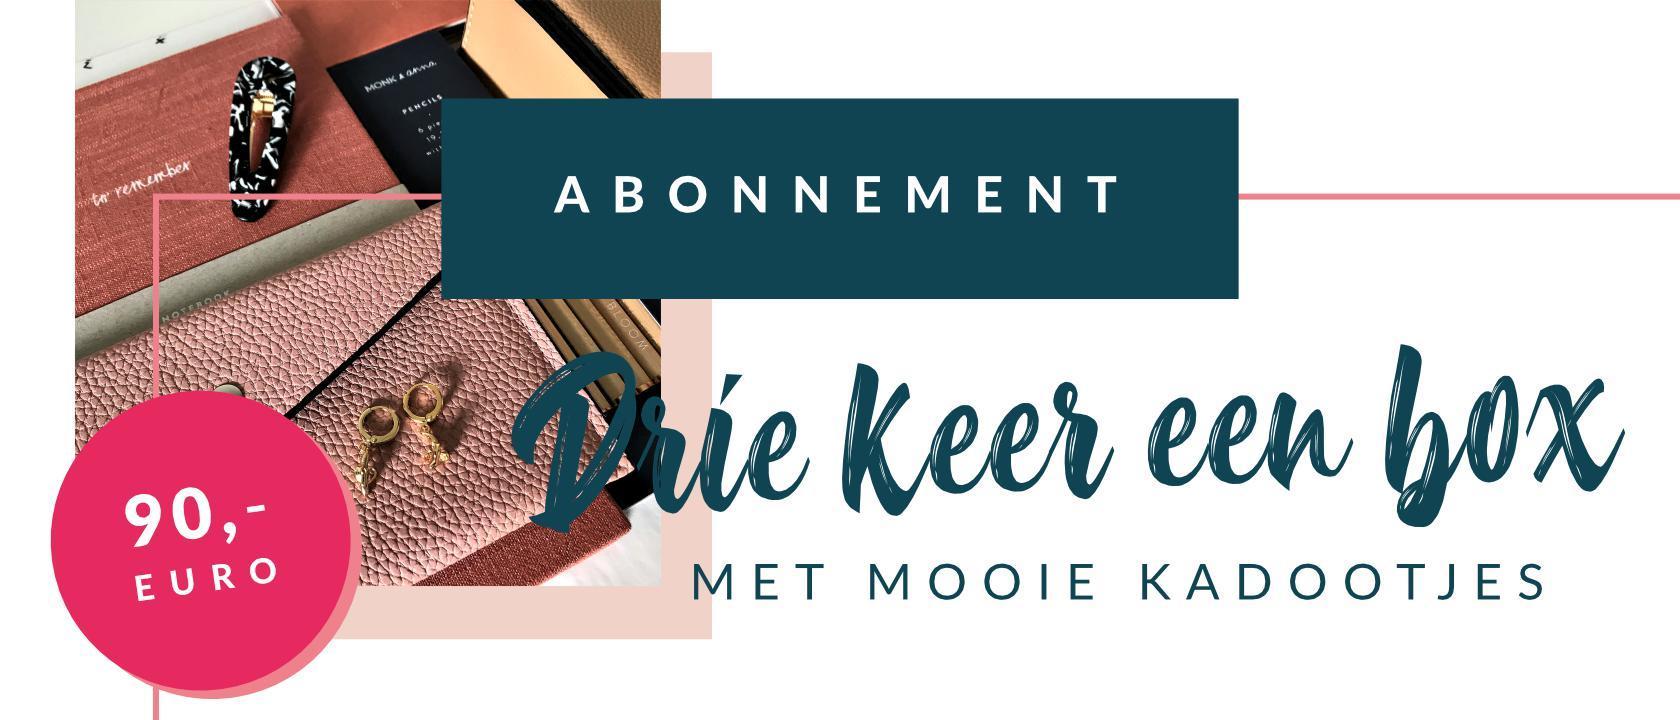 KP2019 ABONNEMENT - DRIE KEER EEN BOX